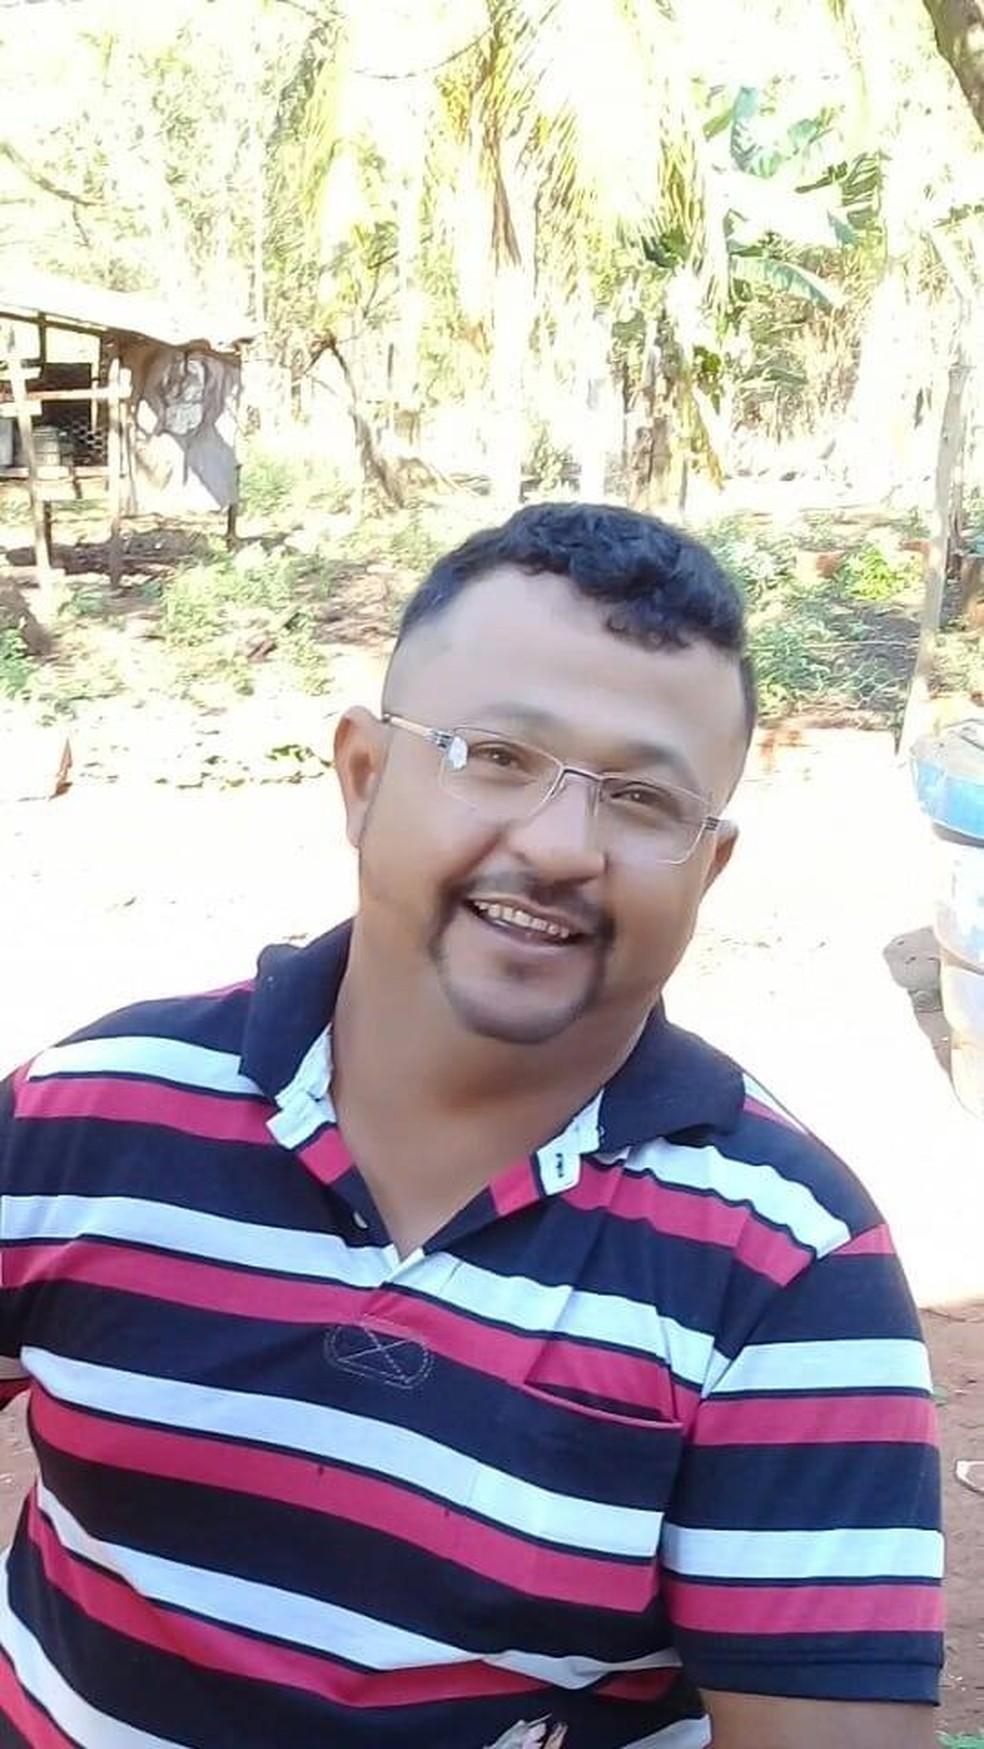 Fábio Leão morreu em acidente com a carreta que conduzia — Foto: Redes sociais